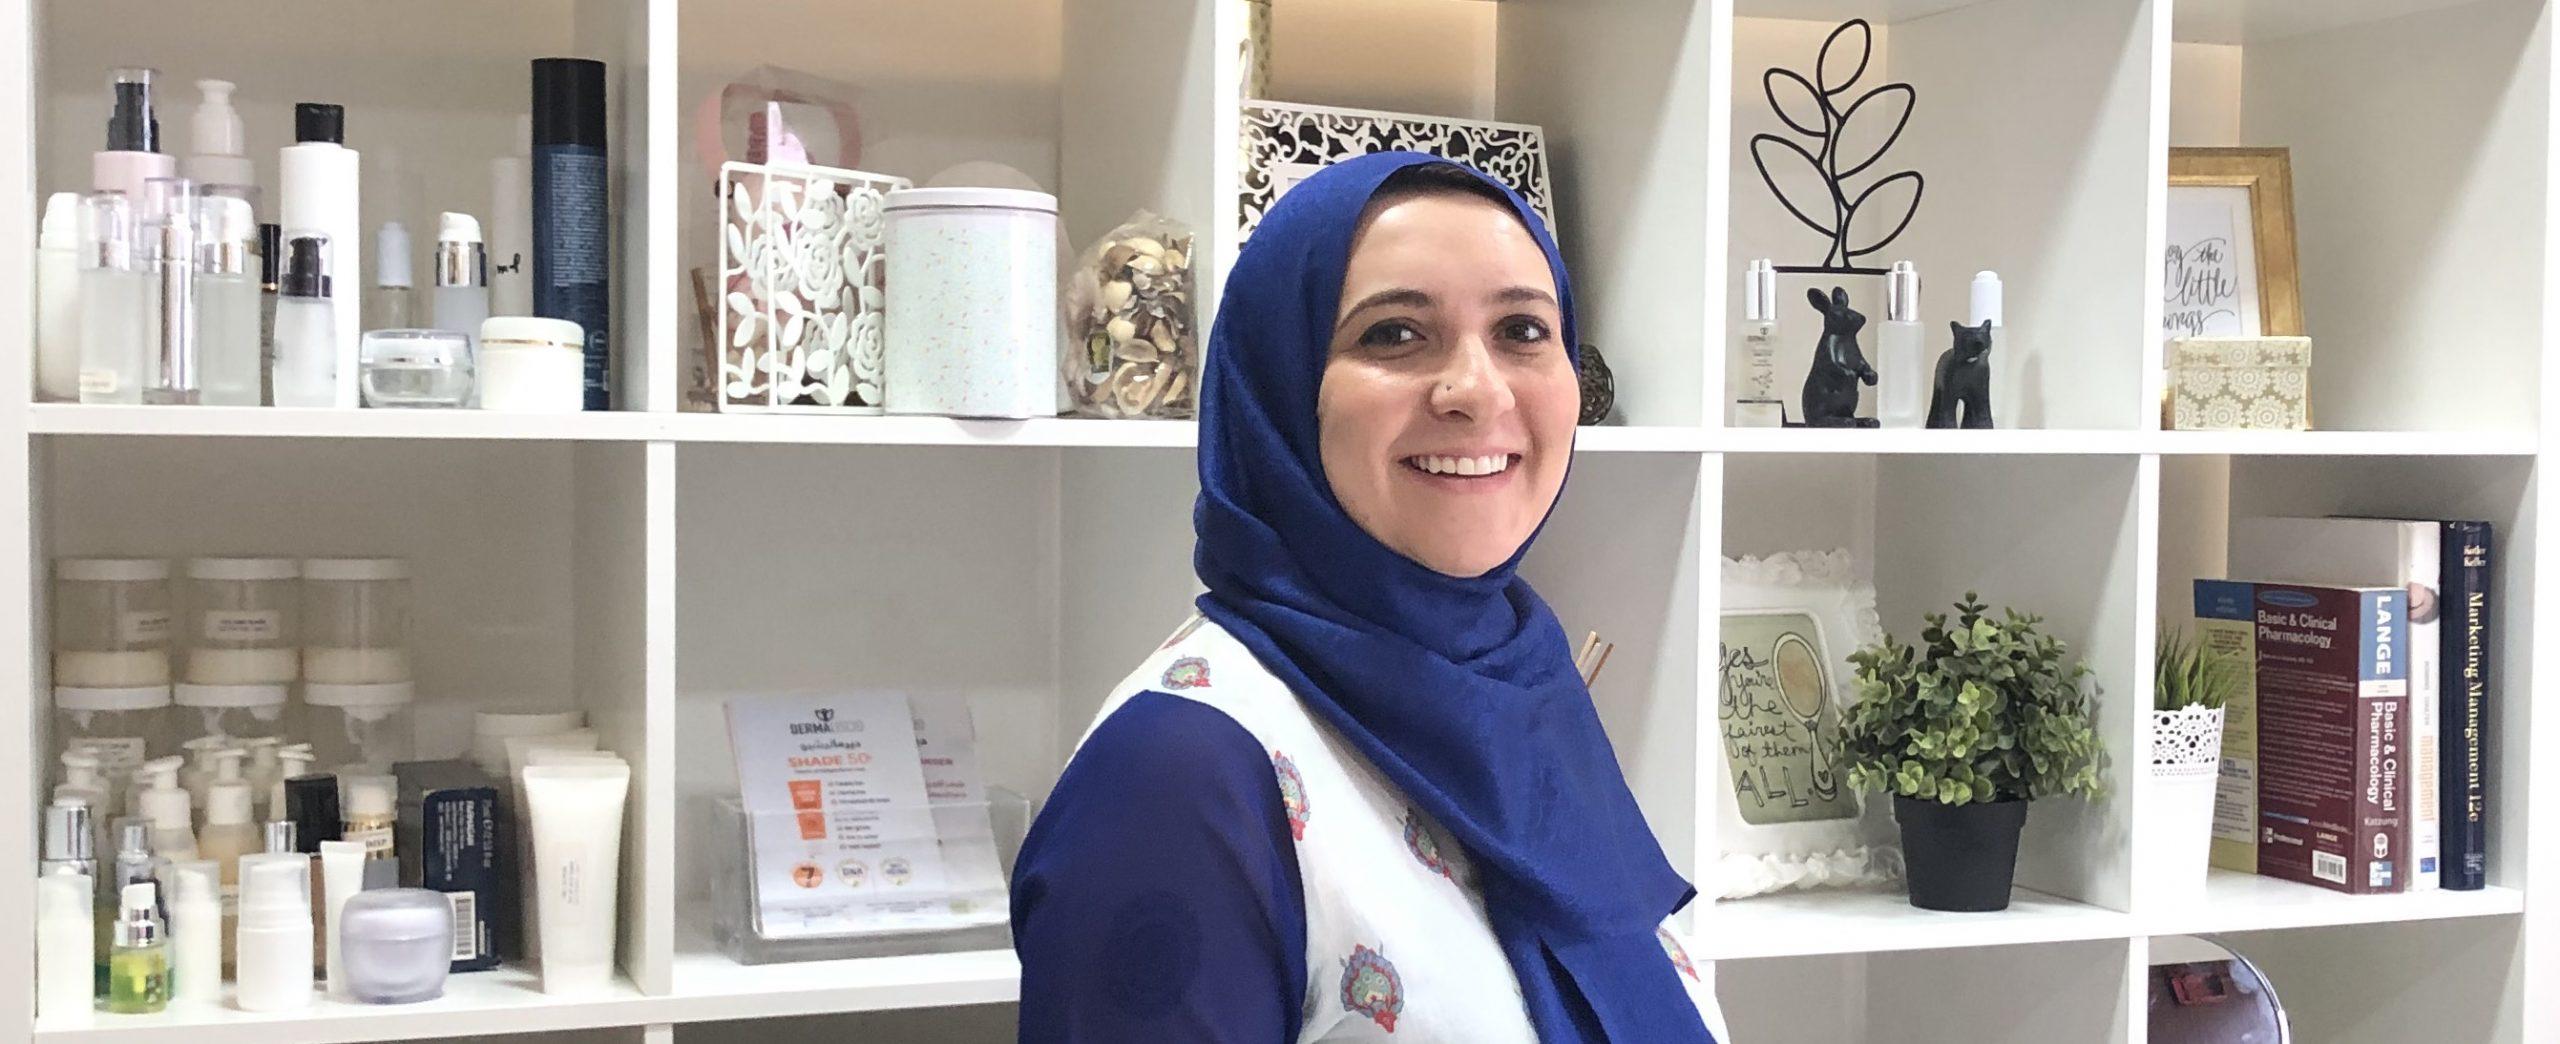 Maryam Dajani